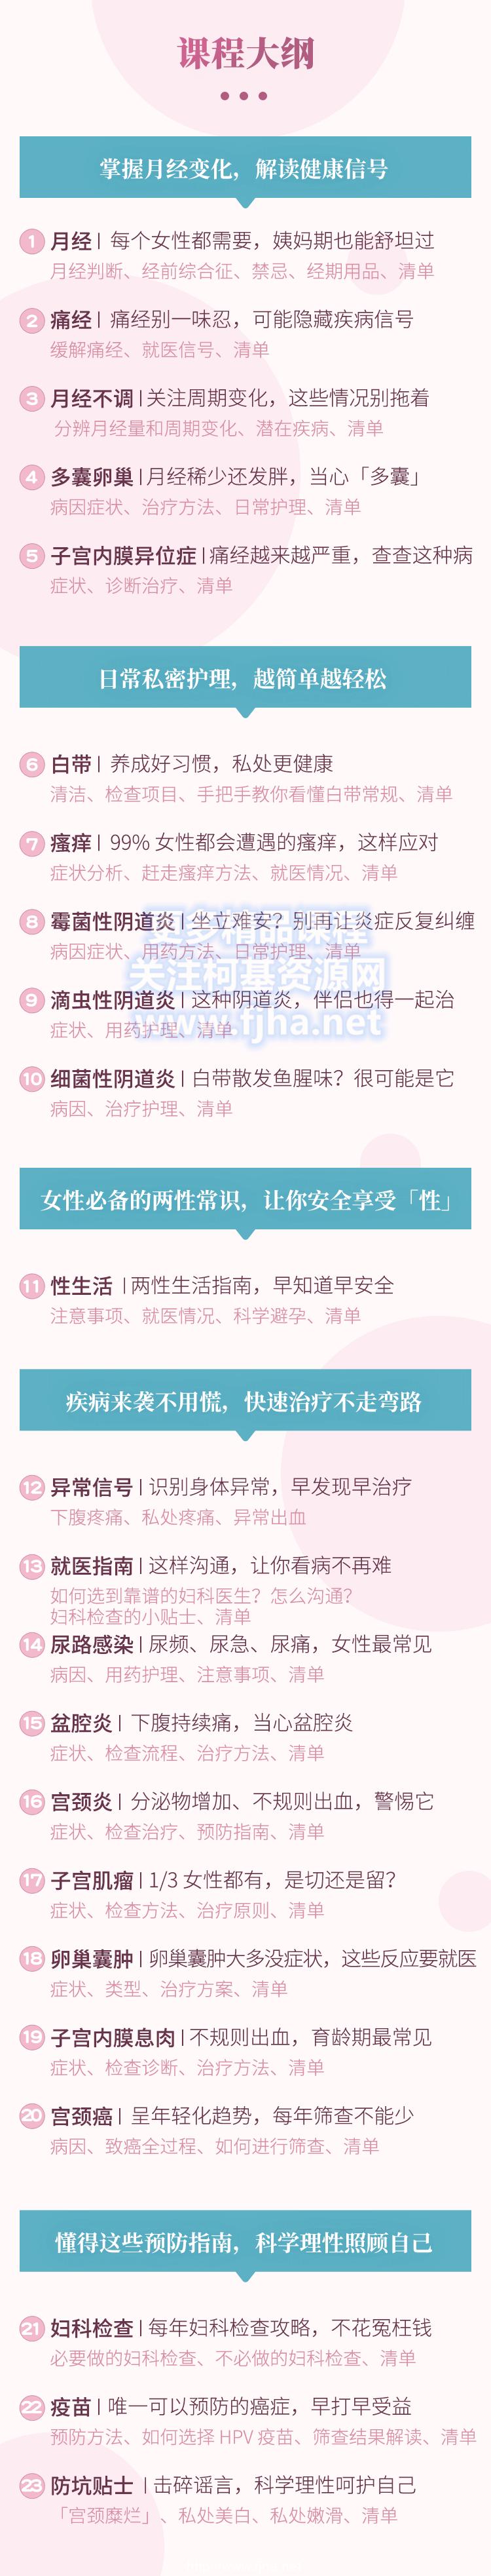 丁香医生:女性健康必修课·告别妇科小问题、大毛病